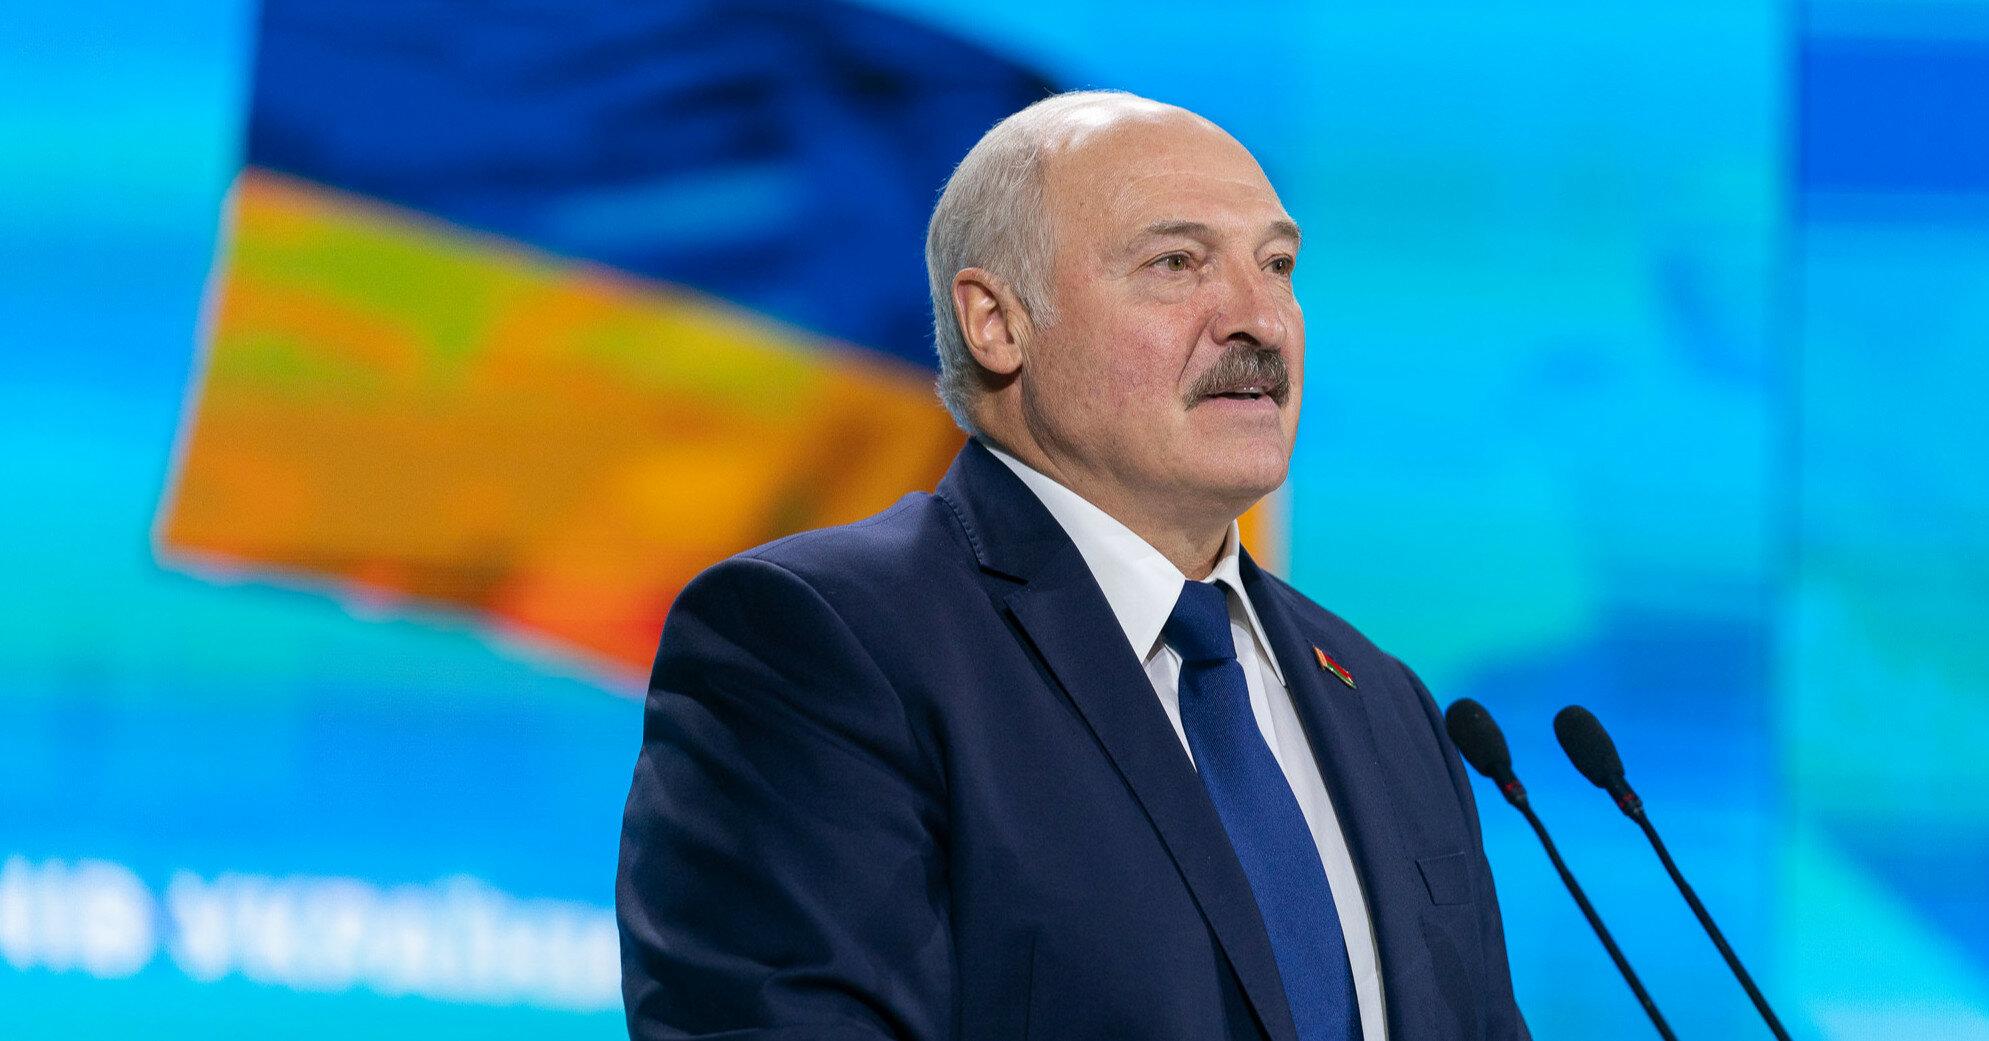 Лукашенко приказал полностью перекрыть границу с Украиной